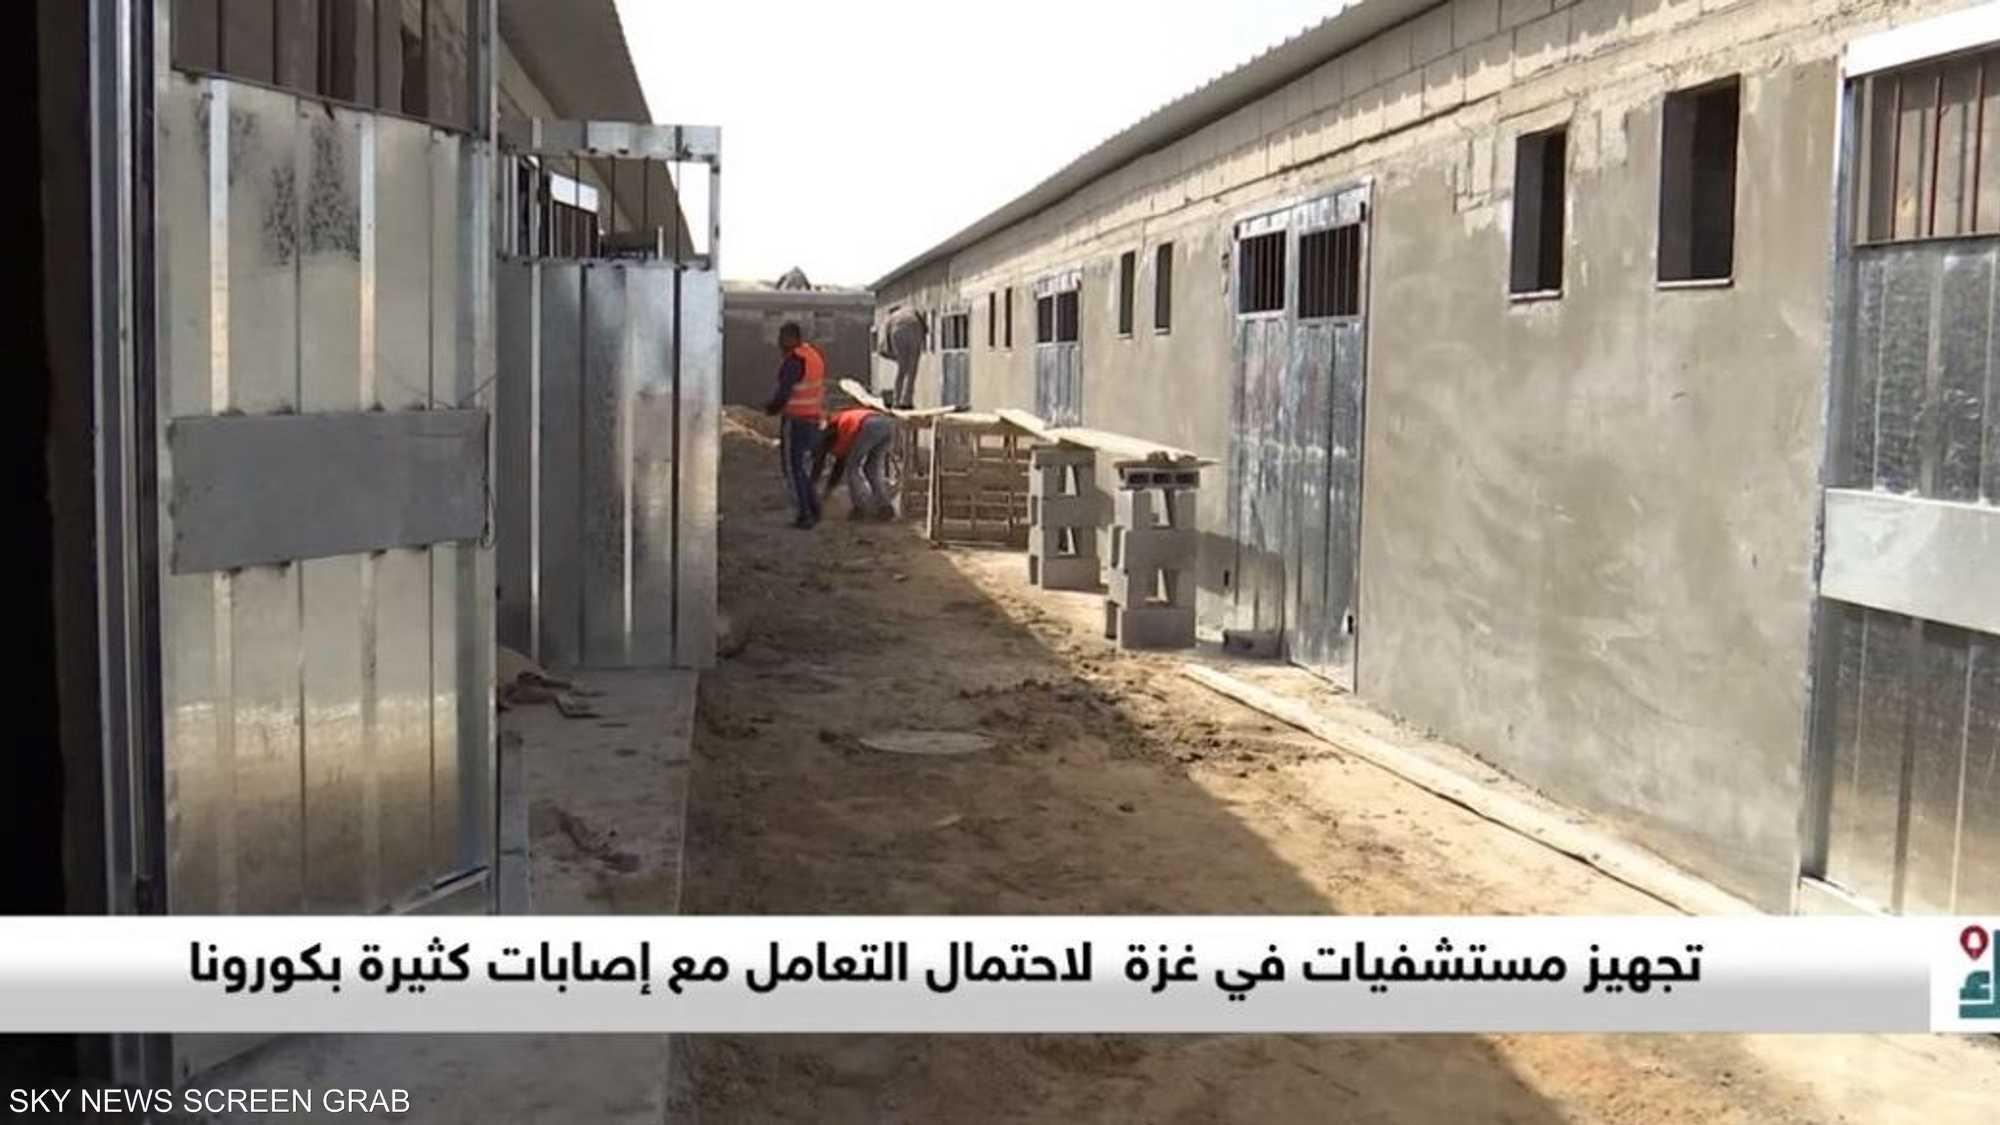 مخاوف المؤسسات الدولية من انتشار كورونا في غزة